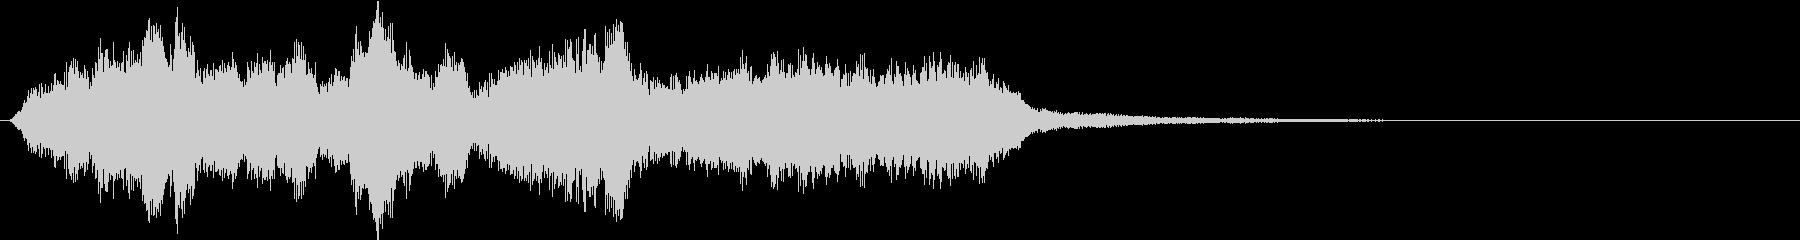 生演奏:絡み合いながら流れる弦楽四重奏の未再生の波形